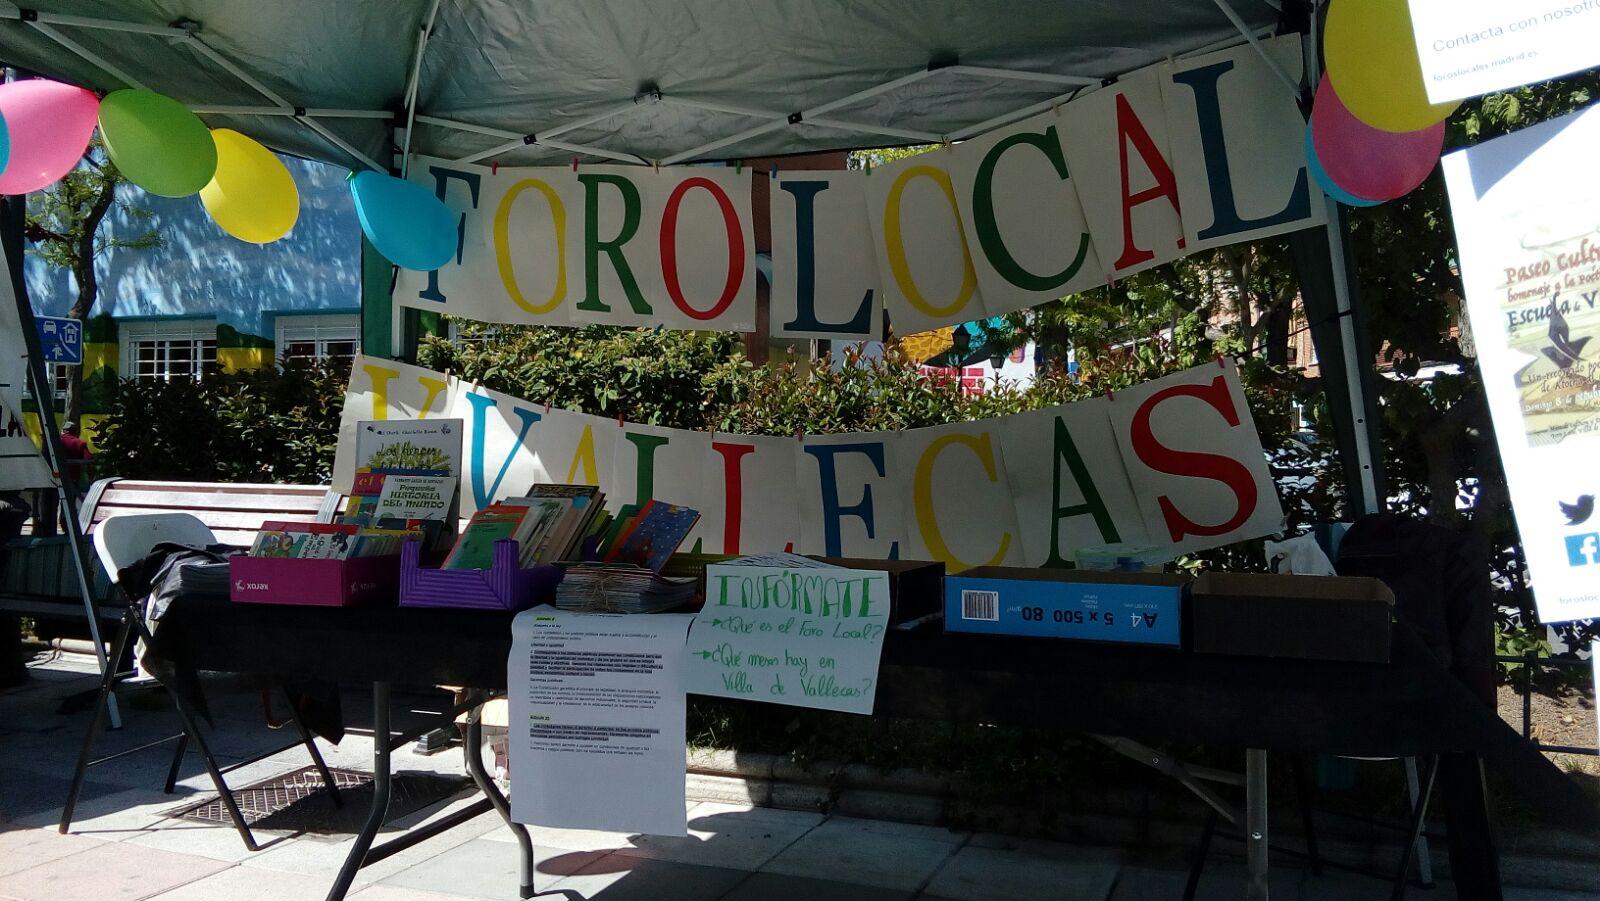 La I Feria de Asociaciones permitió presentar los proyectos realizados por los Foros Locales y las asociaciones de Villa de Vallecas